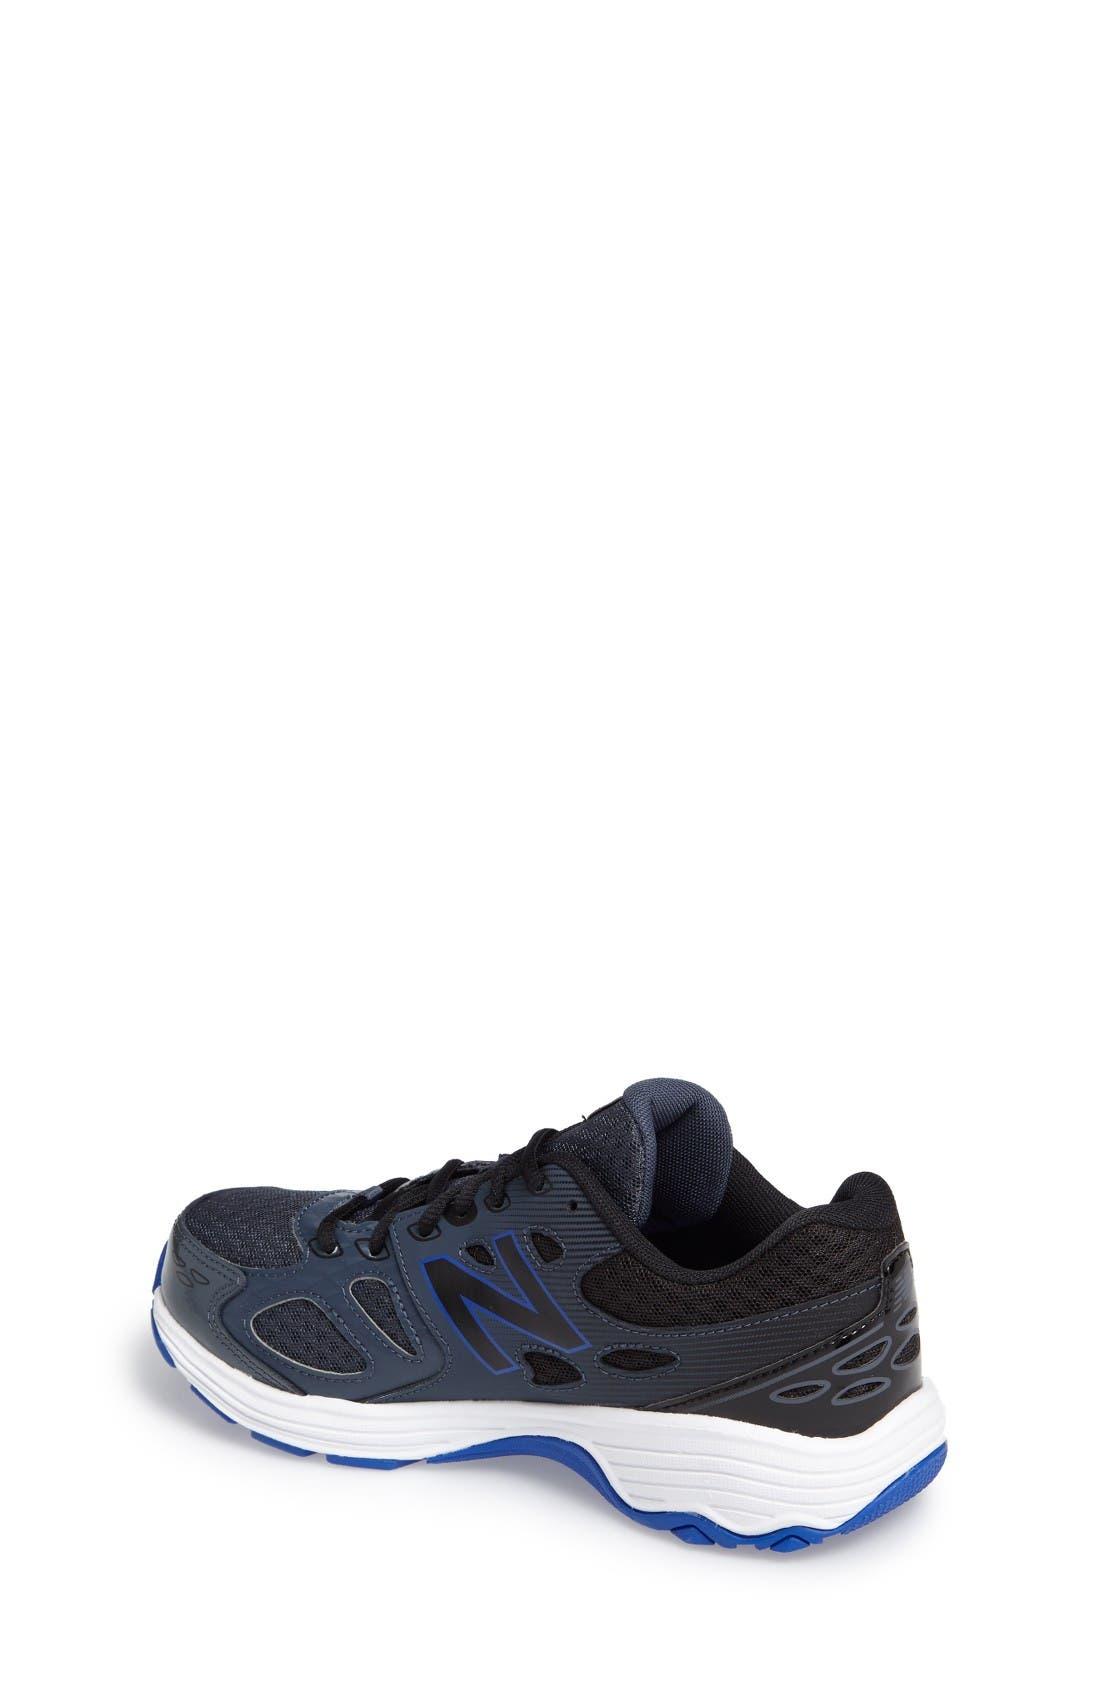 680v3 Sneaker,                             Alternate thumbnail 2, color,                             Grey/Blue